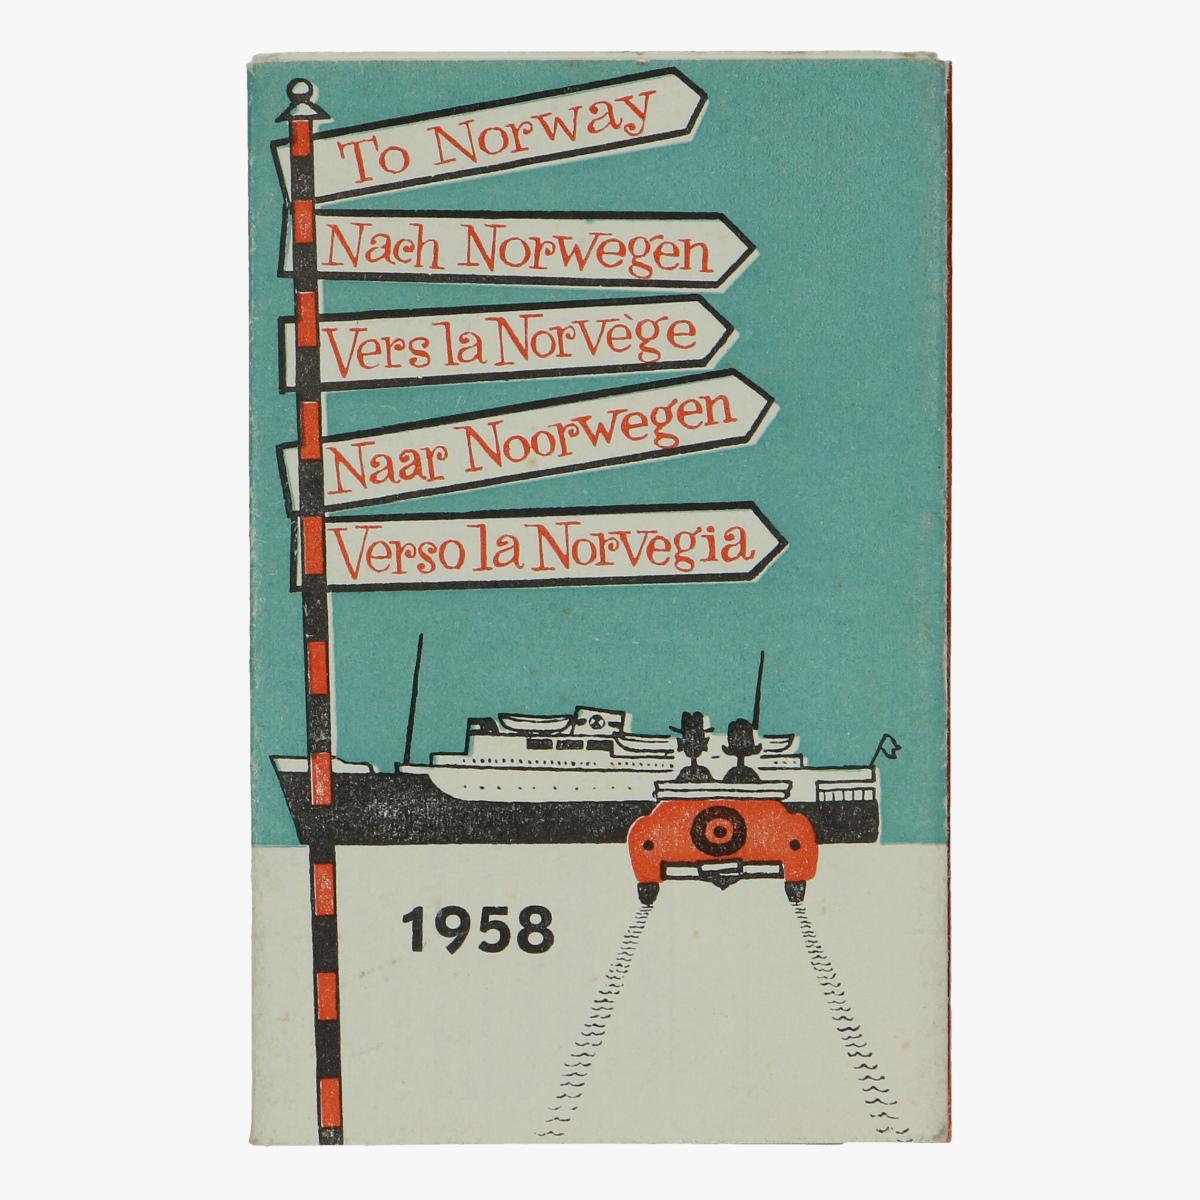 Afbeeldingen van expo 58 naar noorwegen met de boot